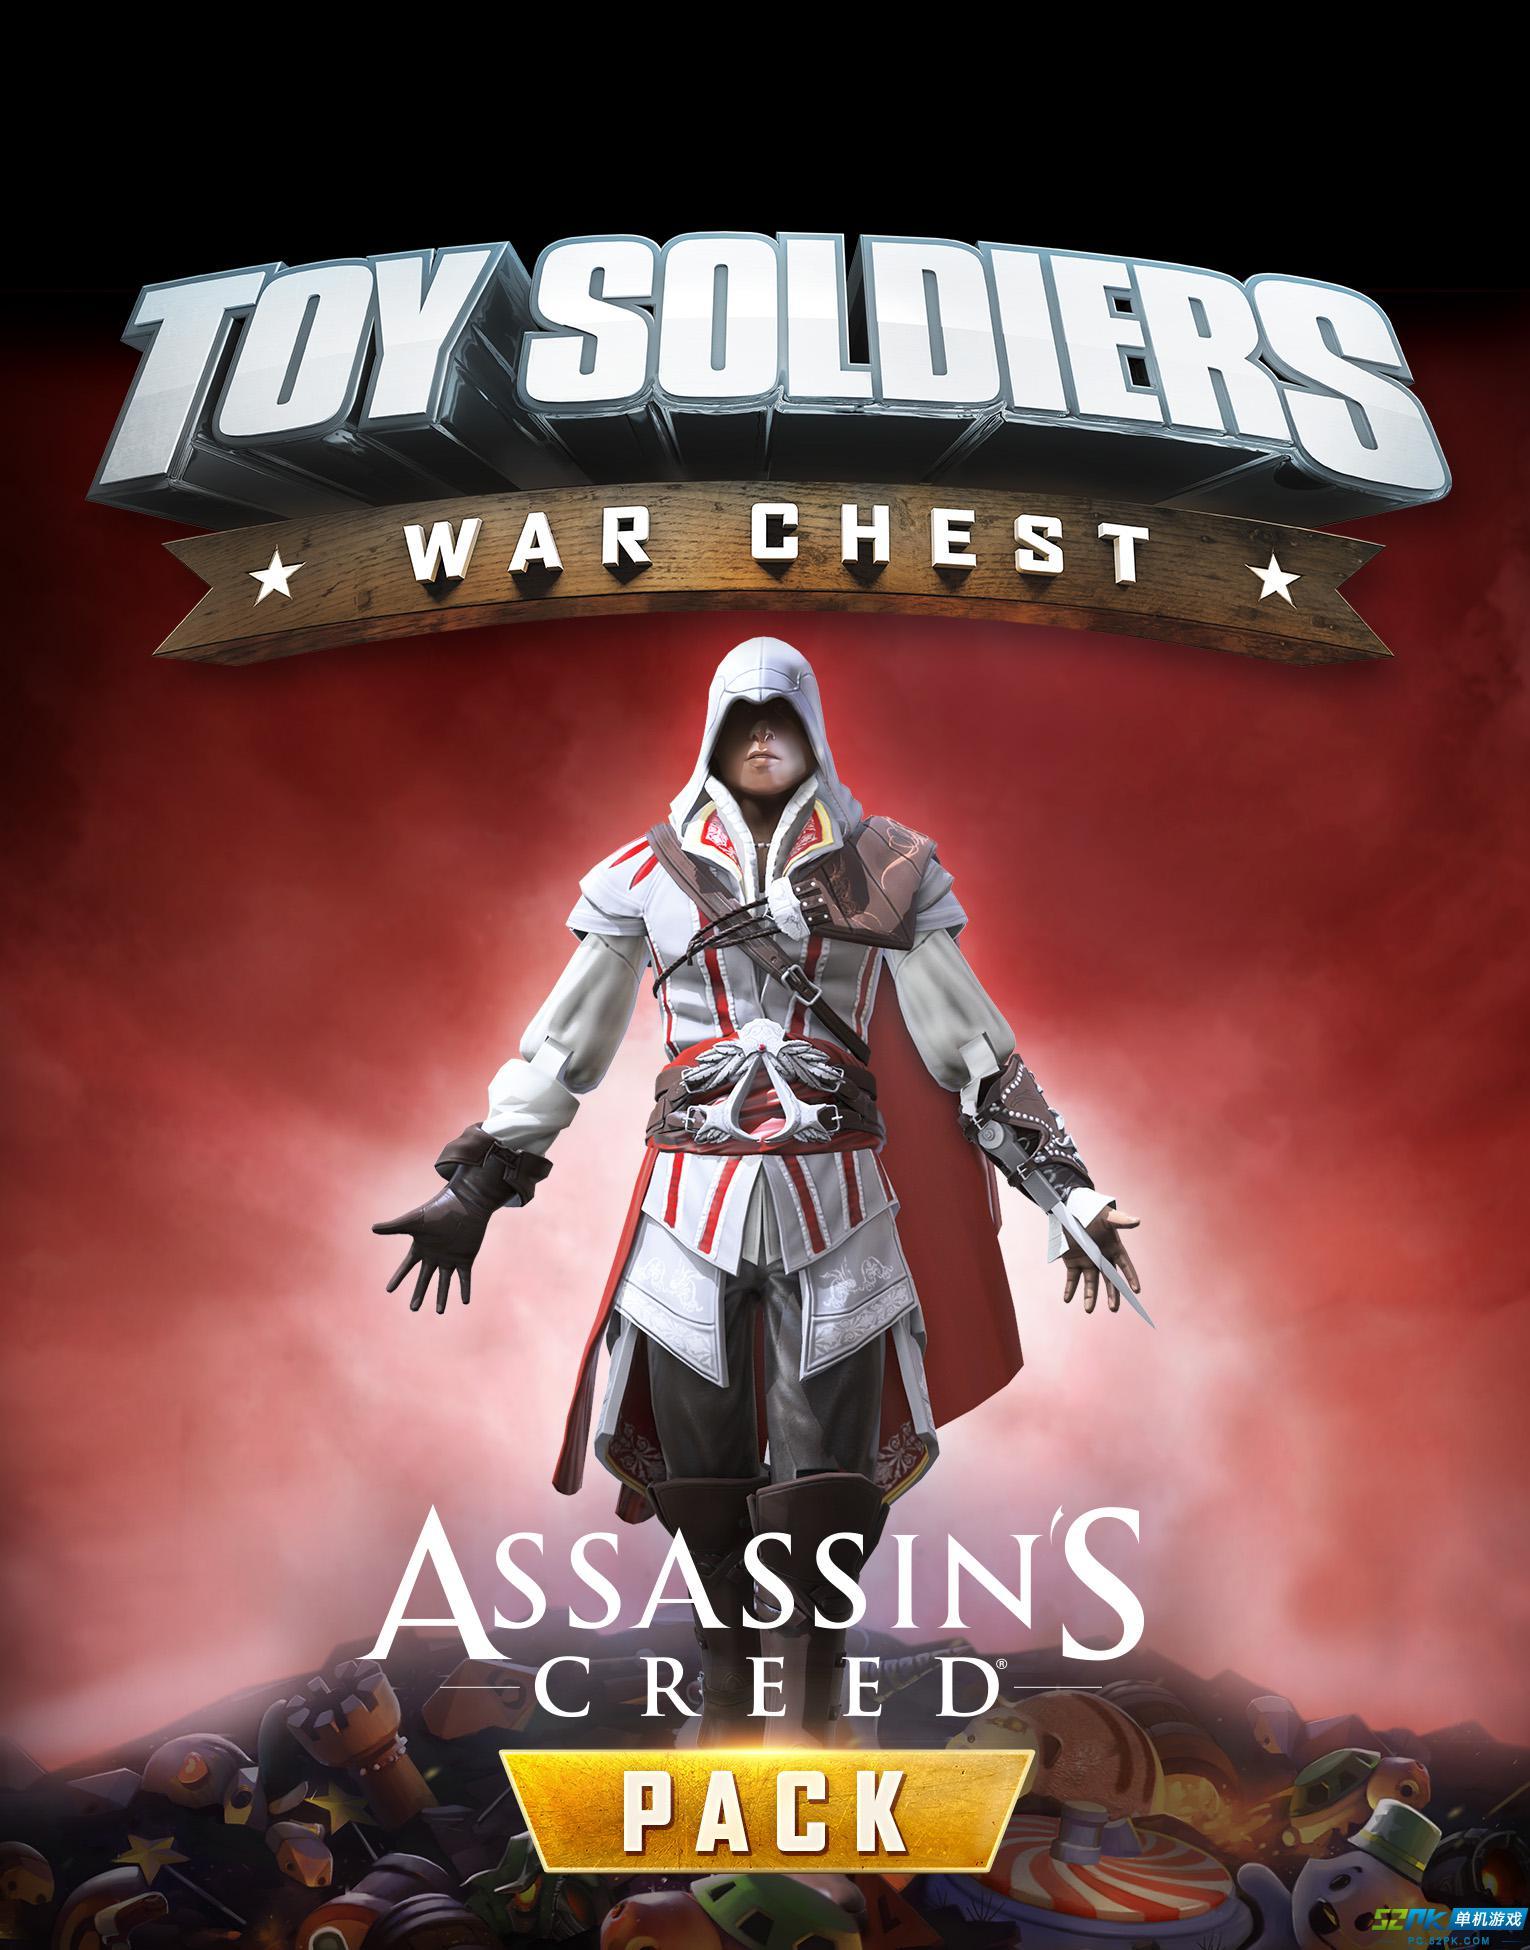 玩具士兵战争宝箱新预告 确定8月11日登陆PC